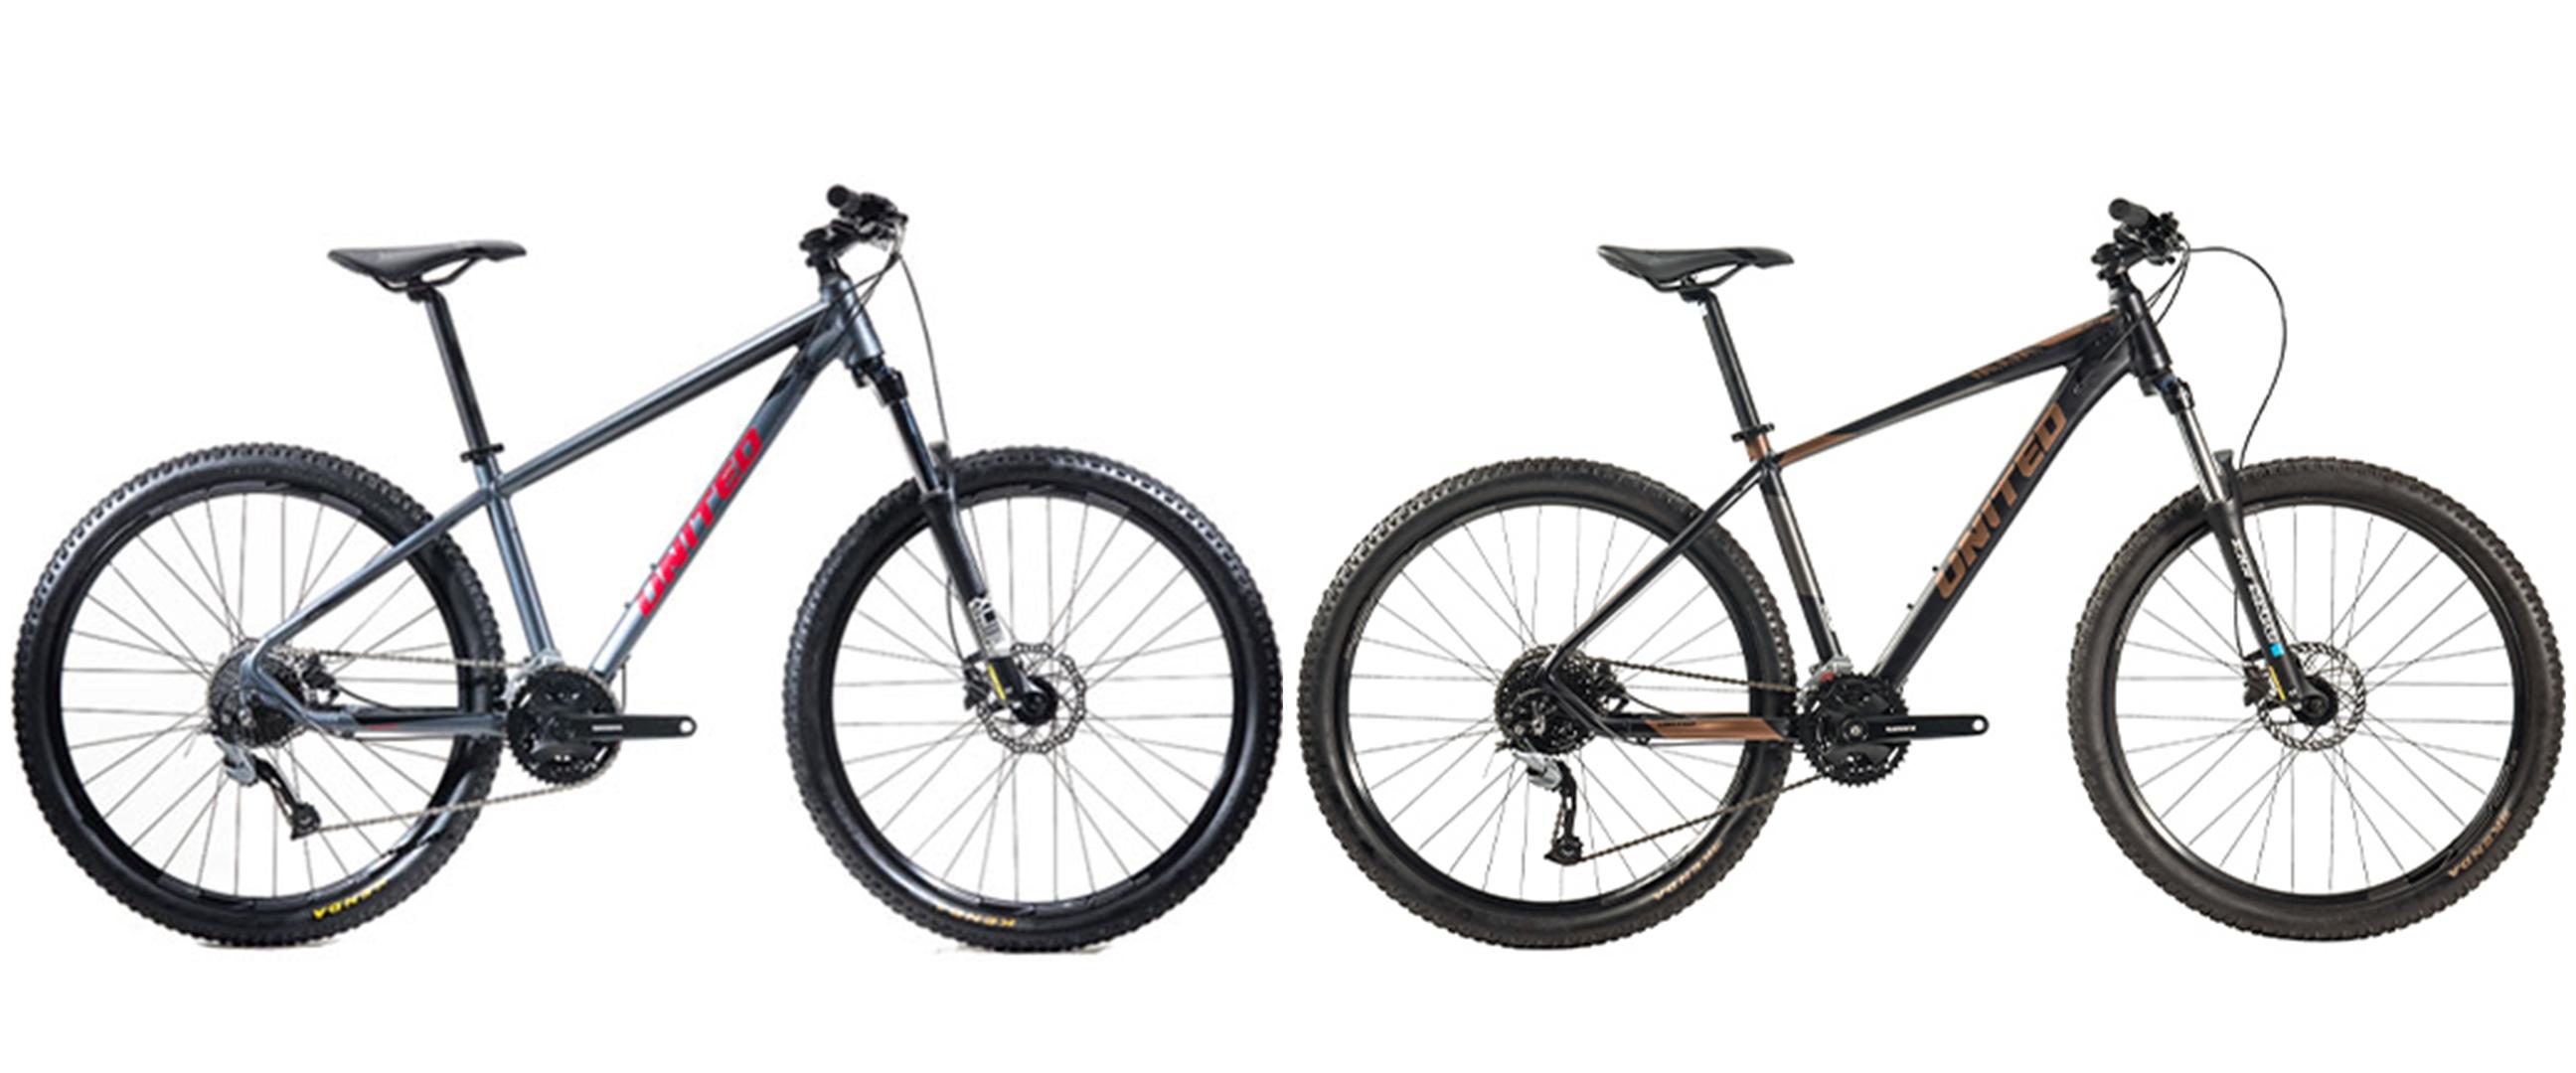 Harga sepeda gunung United Miami dan spesifikasinya, kuat dan nyaman